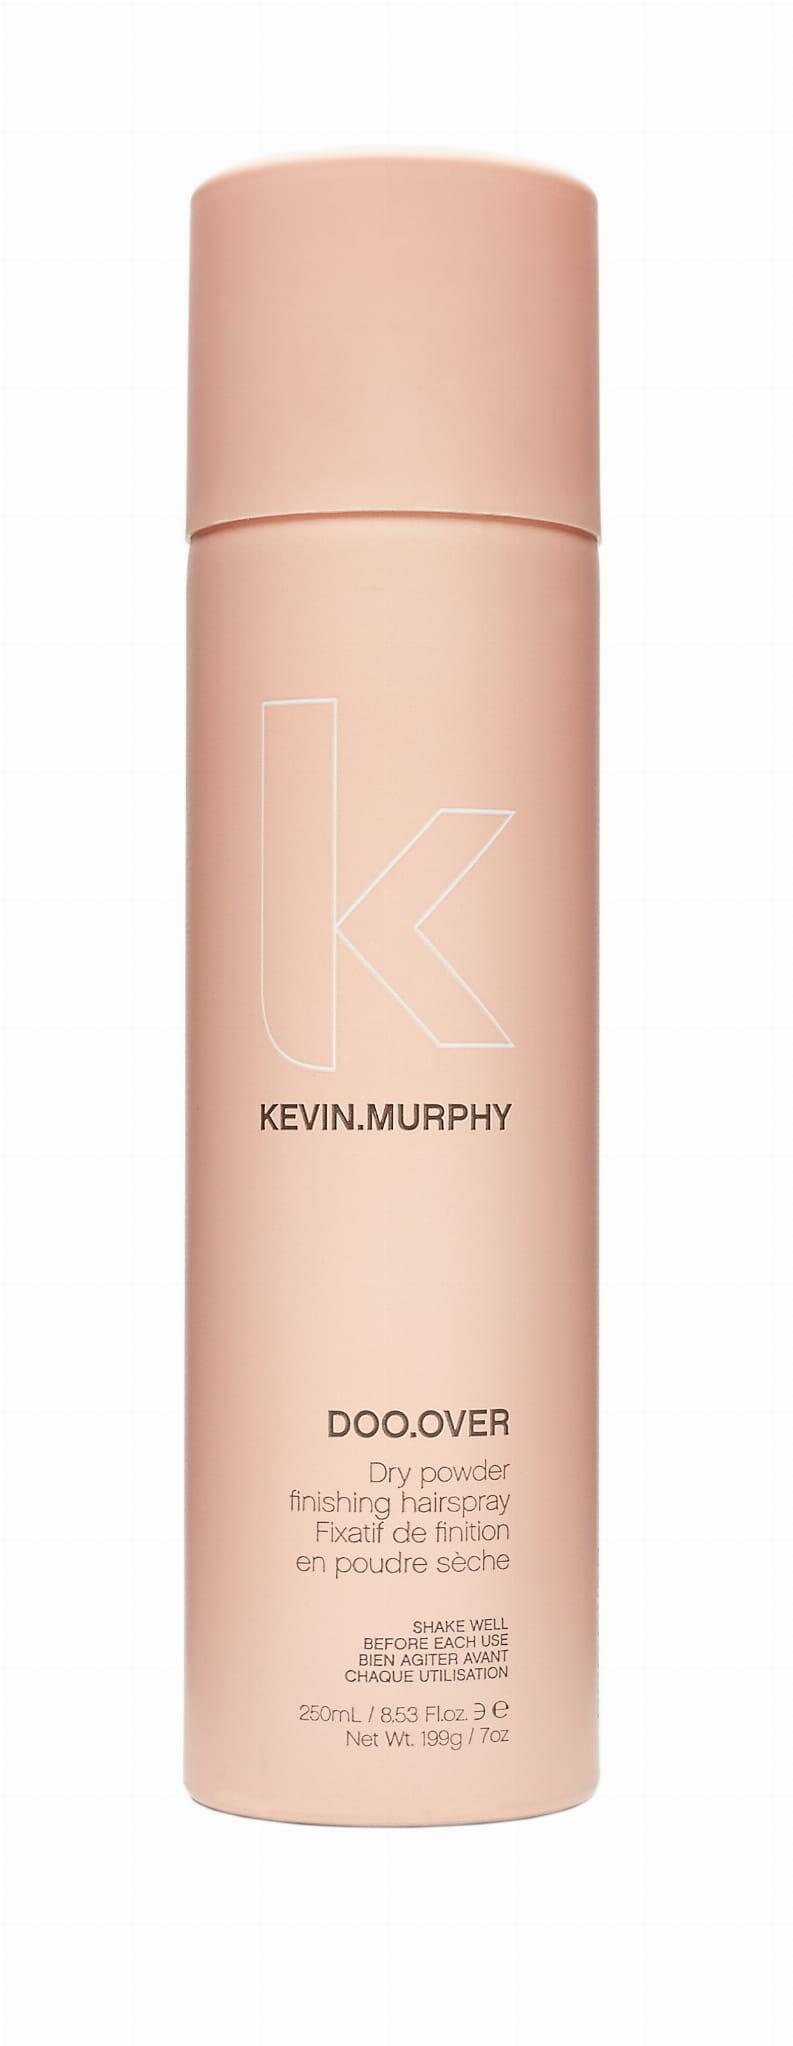 Kevin Murphy Doo.Over Pudrowy Lakier Do Włosów Dodający Objętości 250ml